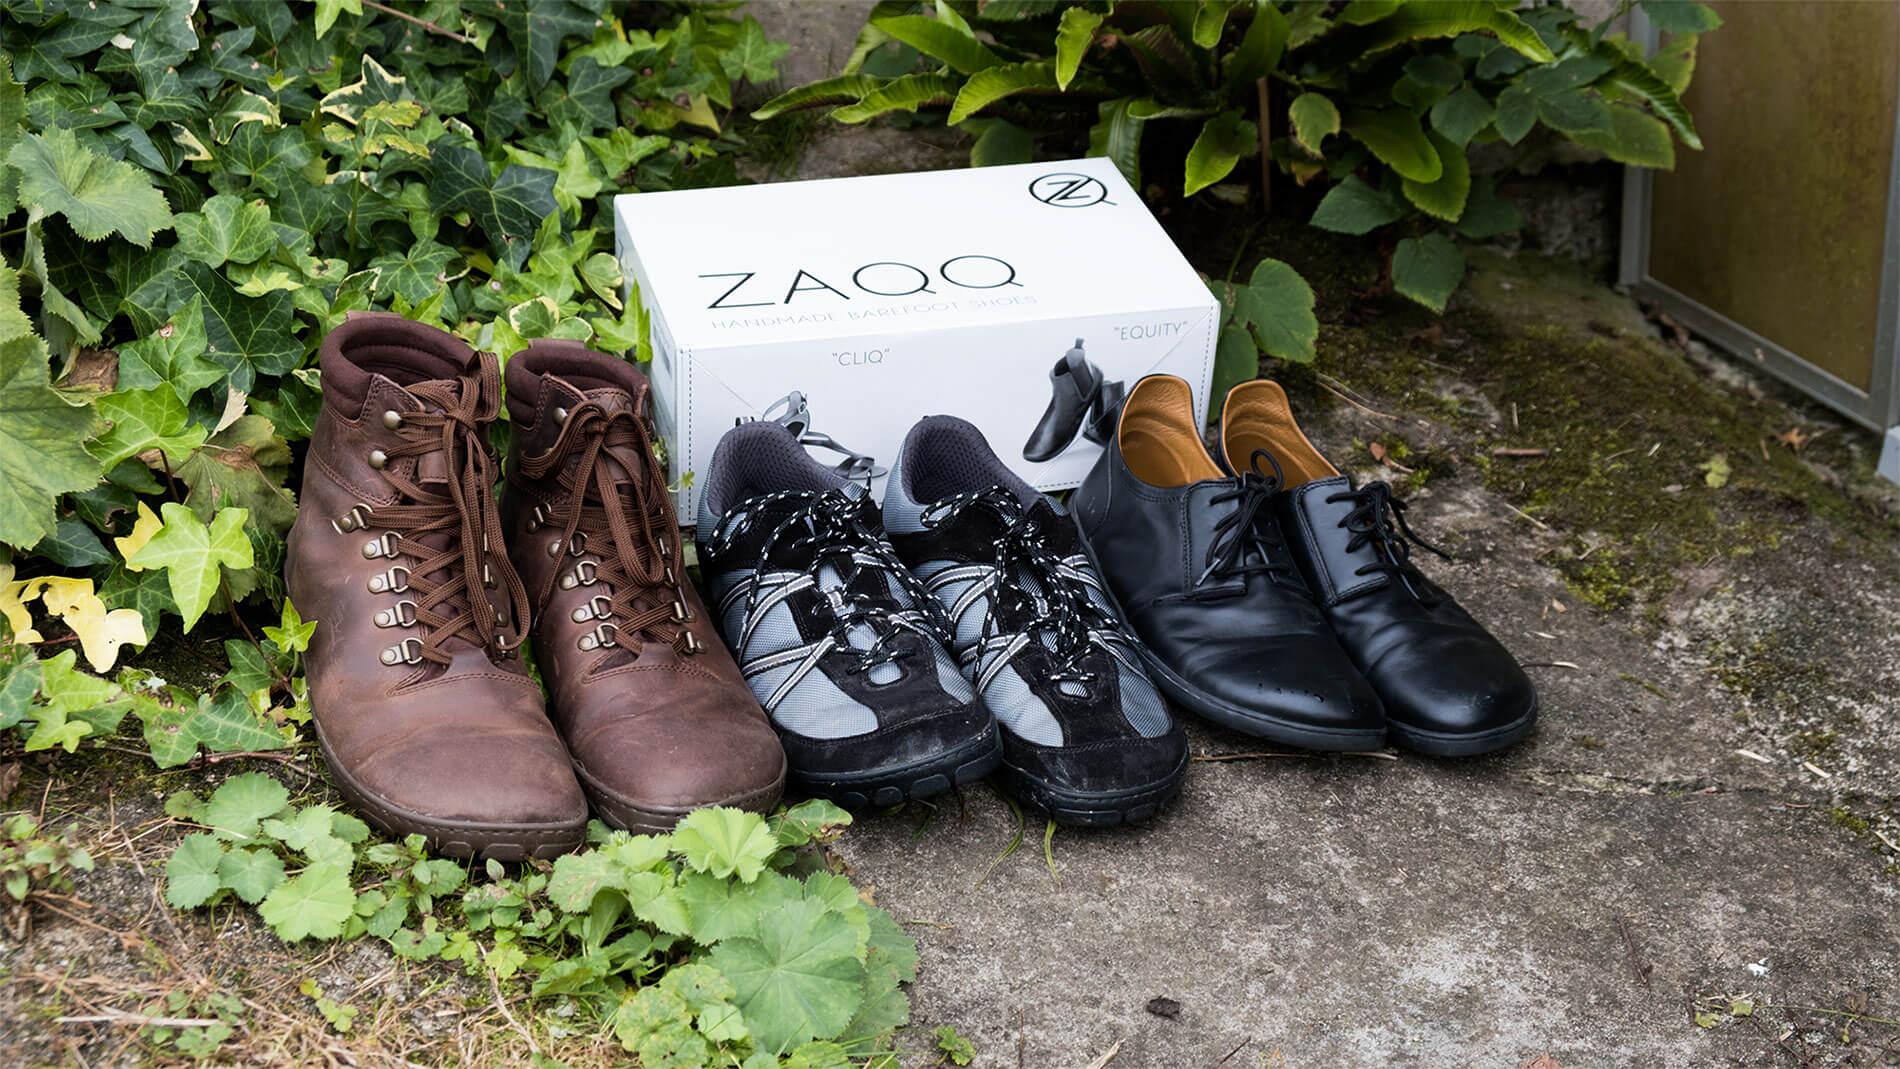 ZAQQ Barfußschuhe im Test - Unsere Erfahrungen mit ZAQQ-Schuhen